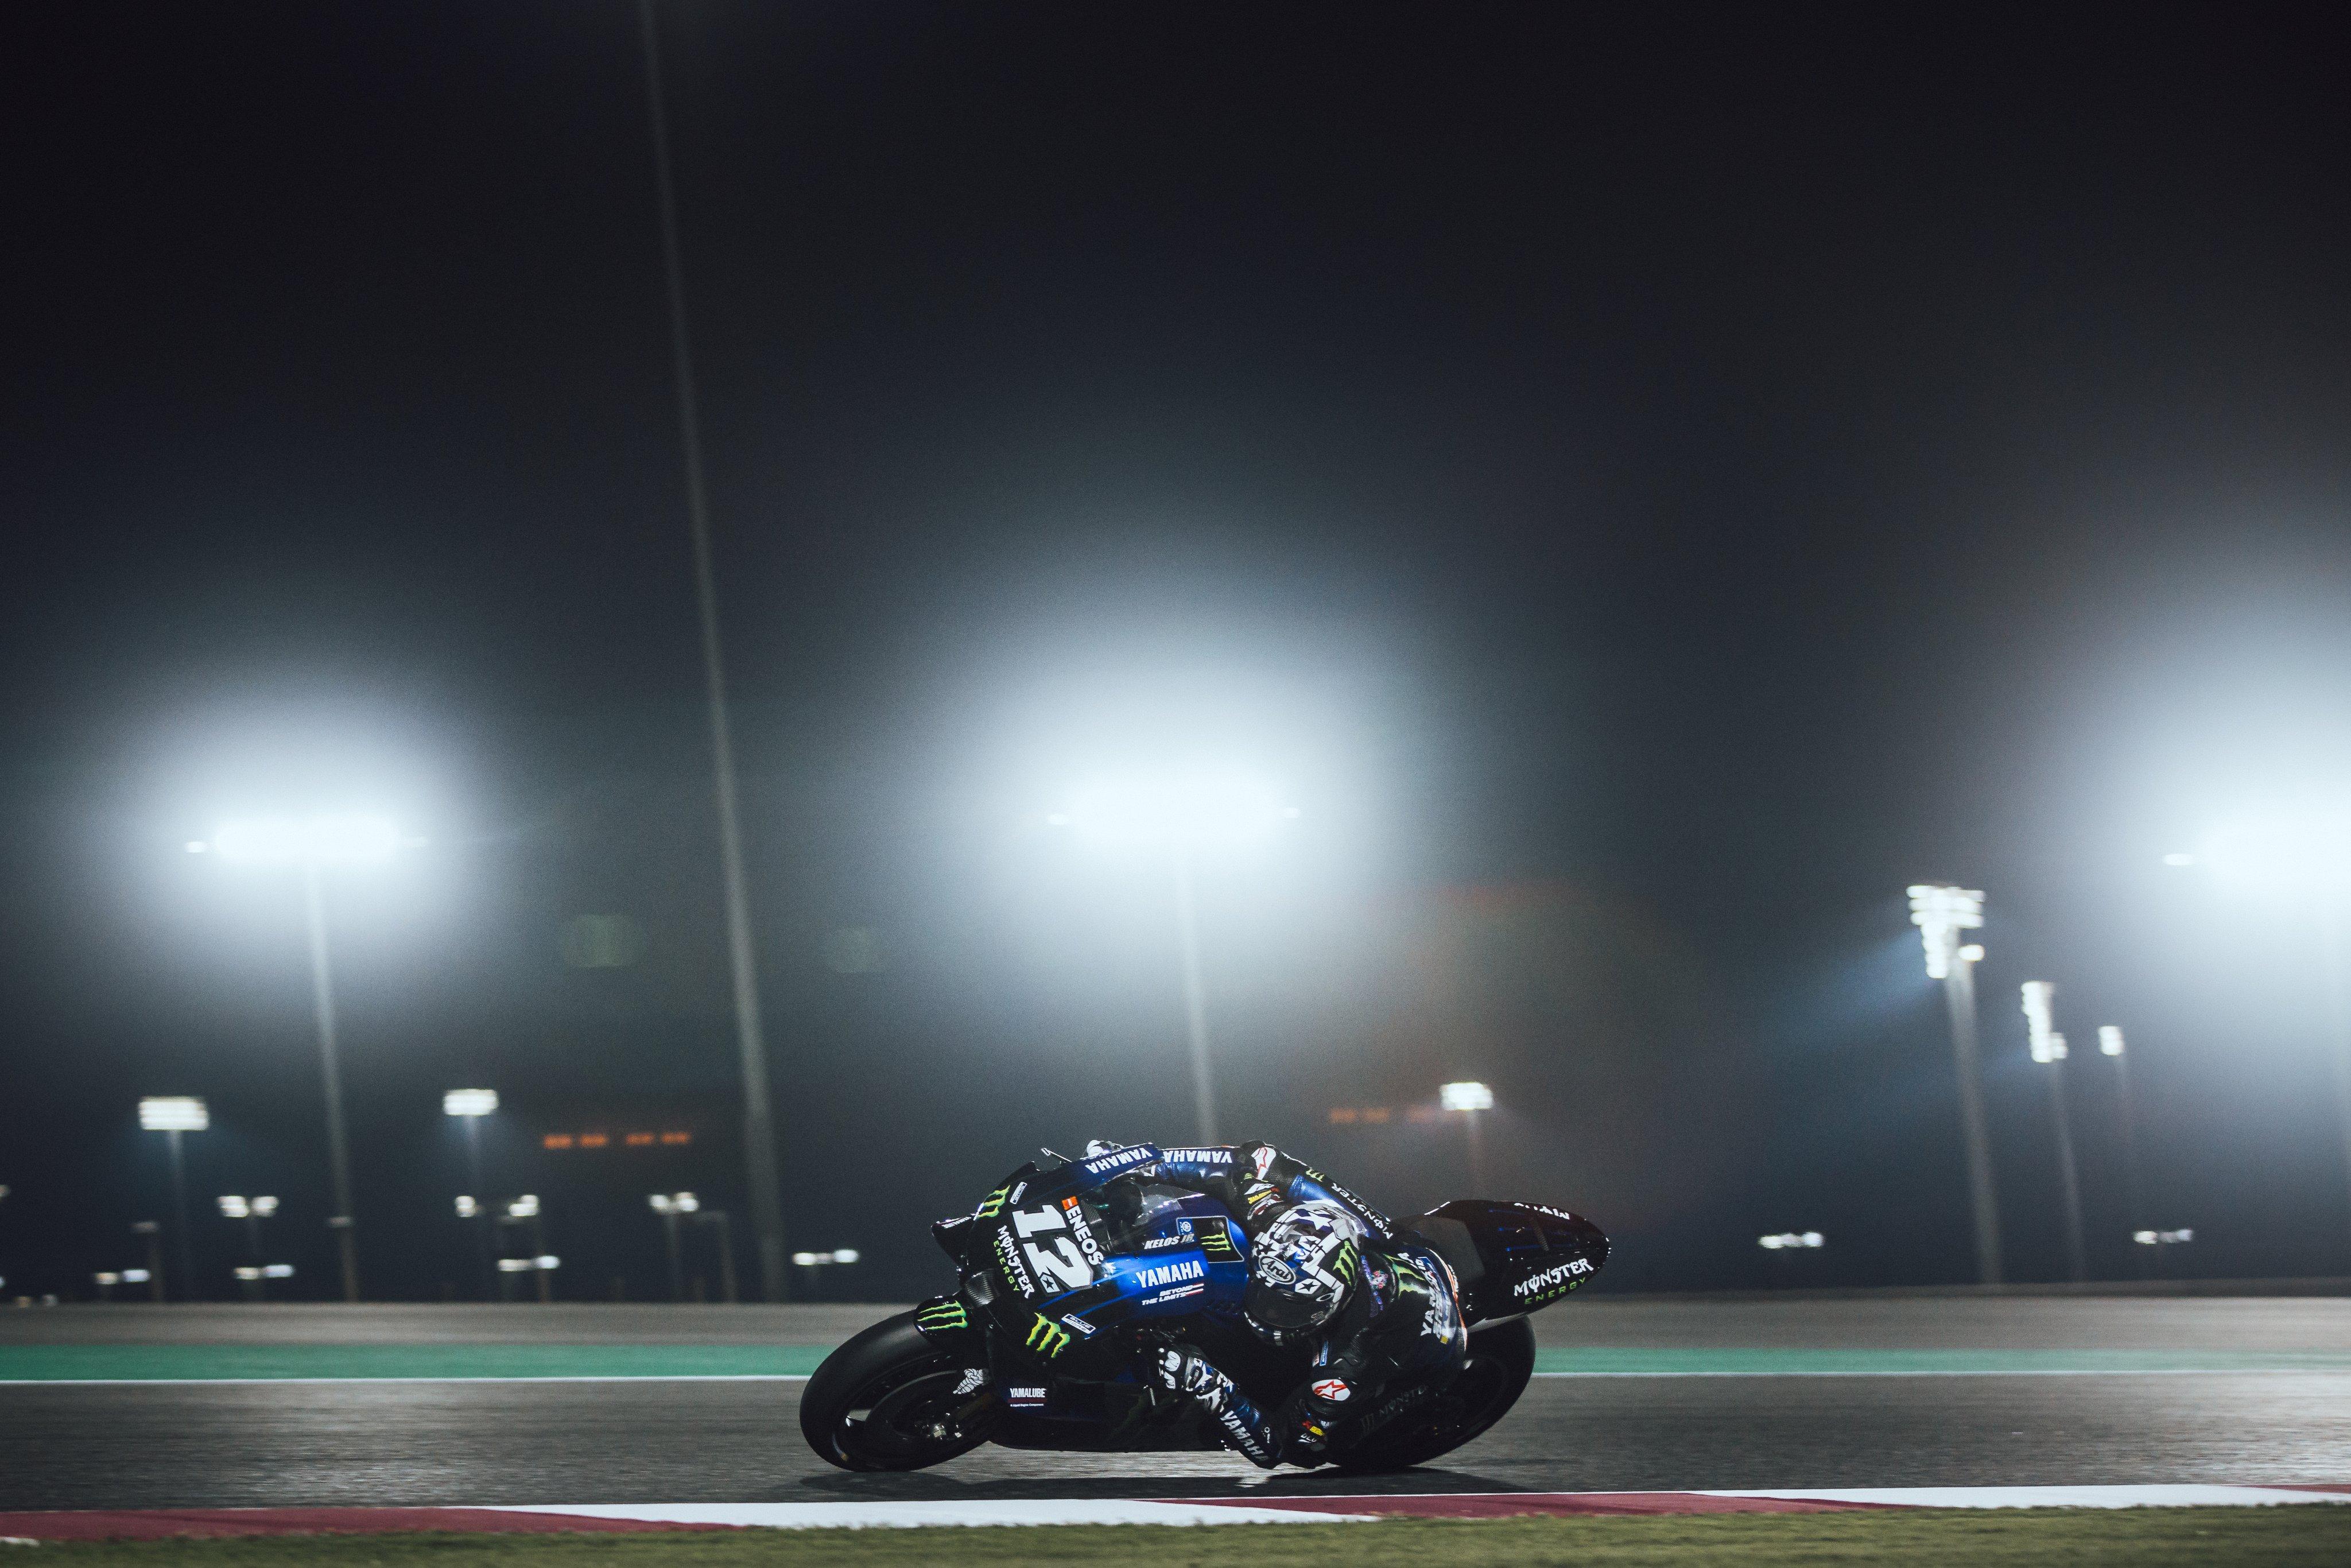 Moto GP 2021 - Page 2 Ev9IhciWgAAlXlz?format=jpg&name=4096x4096